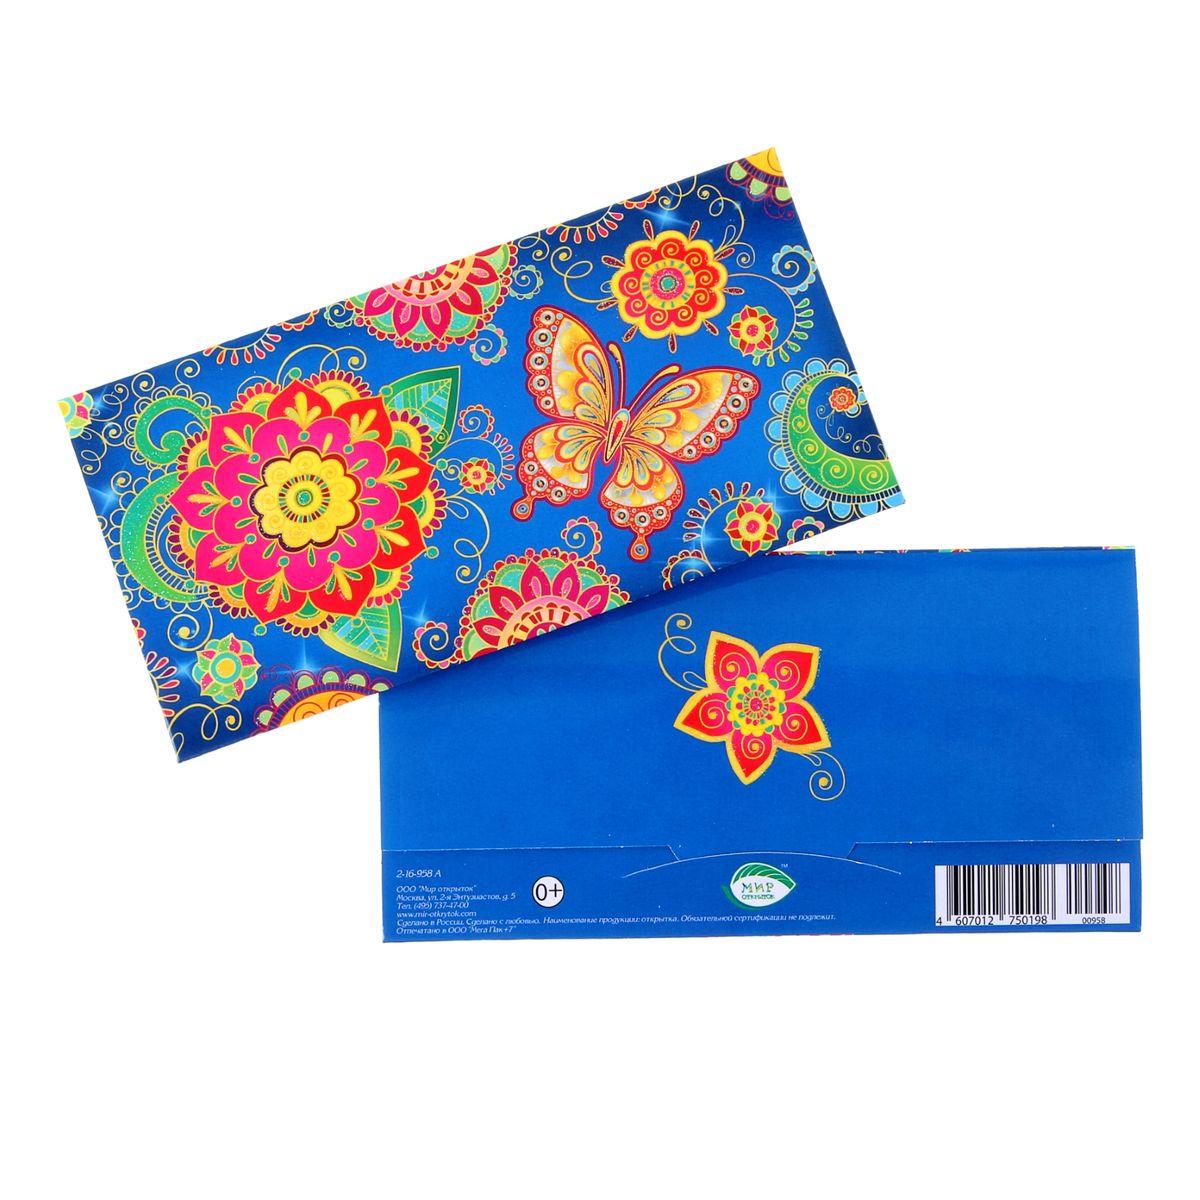 Конверт для денег Цветы и бабочка. 10944991094499Конверт Цветы и бабочка изготовлен из плотной бумаги. В конверте есть специальное отделение для денежного подарка. Лицевая сторона конверта украшена ярким изображением. Подарок в таком конверте несомненно порадует получателя!